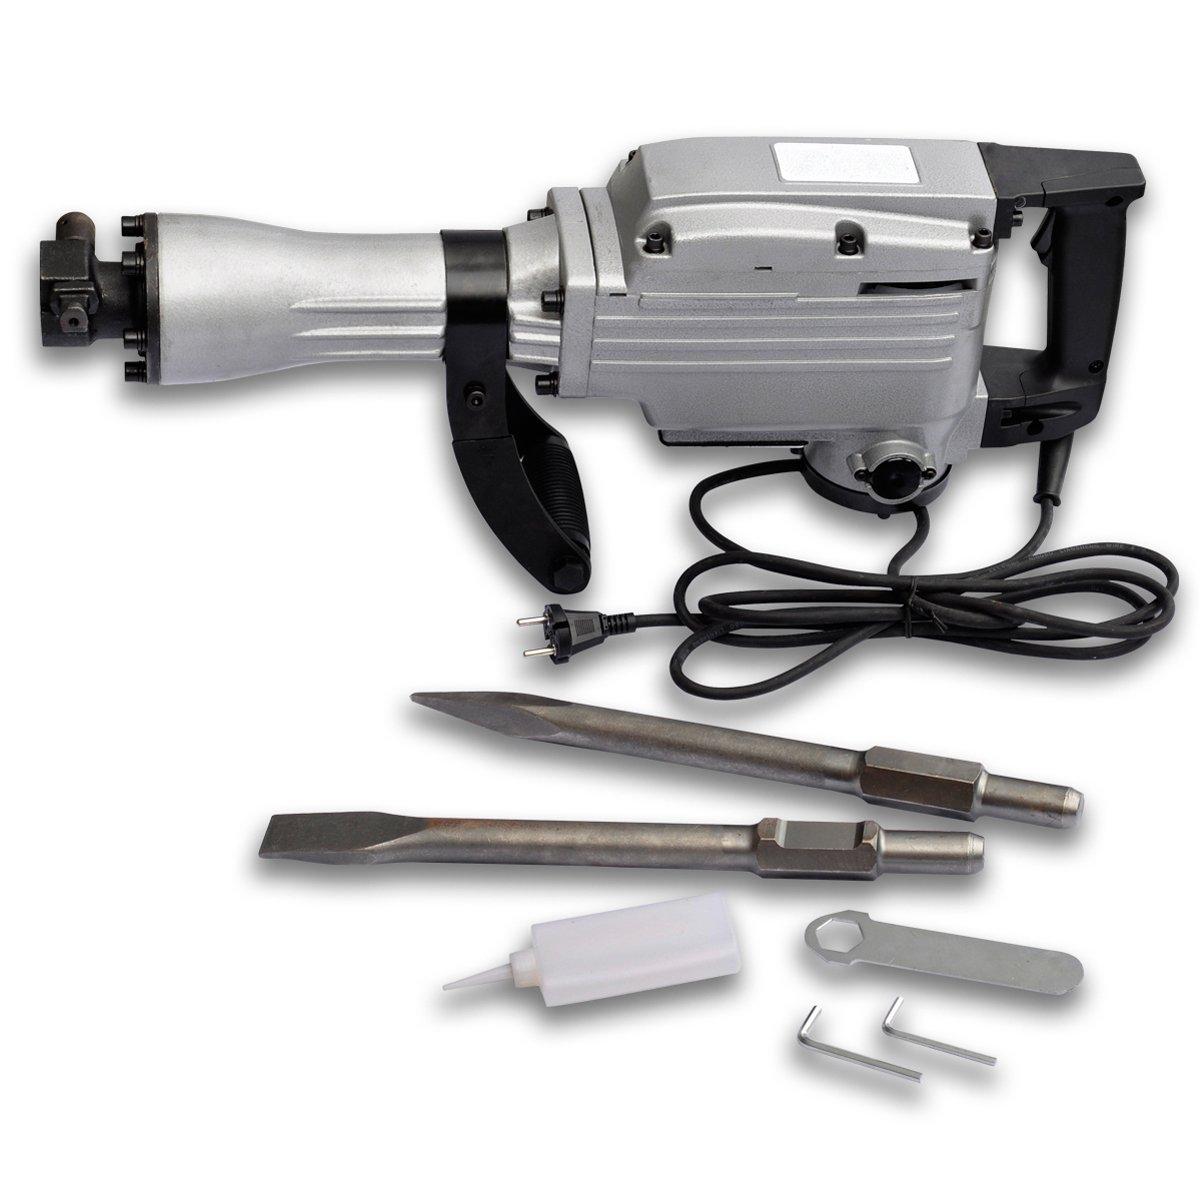 Abbruchhammer Schlaghammer Meißelhammer Stemmhammer Hammer 1600 Watt Schlagzahl 1400 U/min  BaumarktRezension